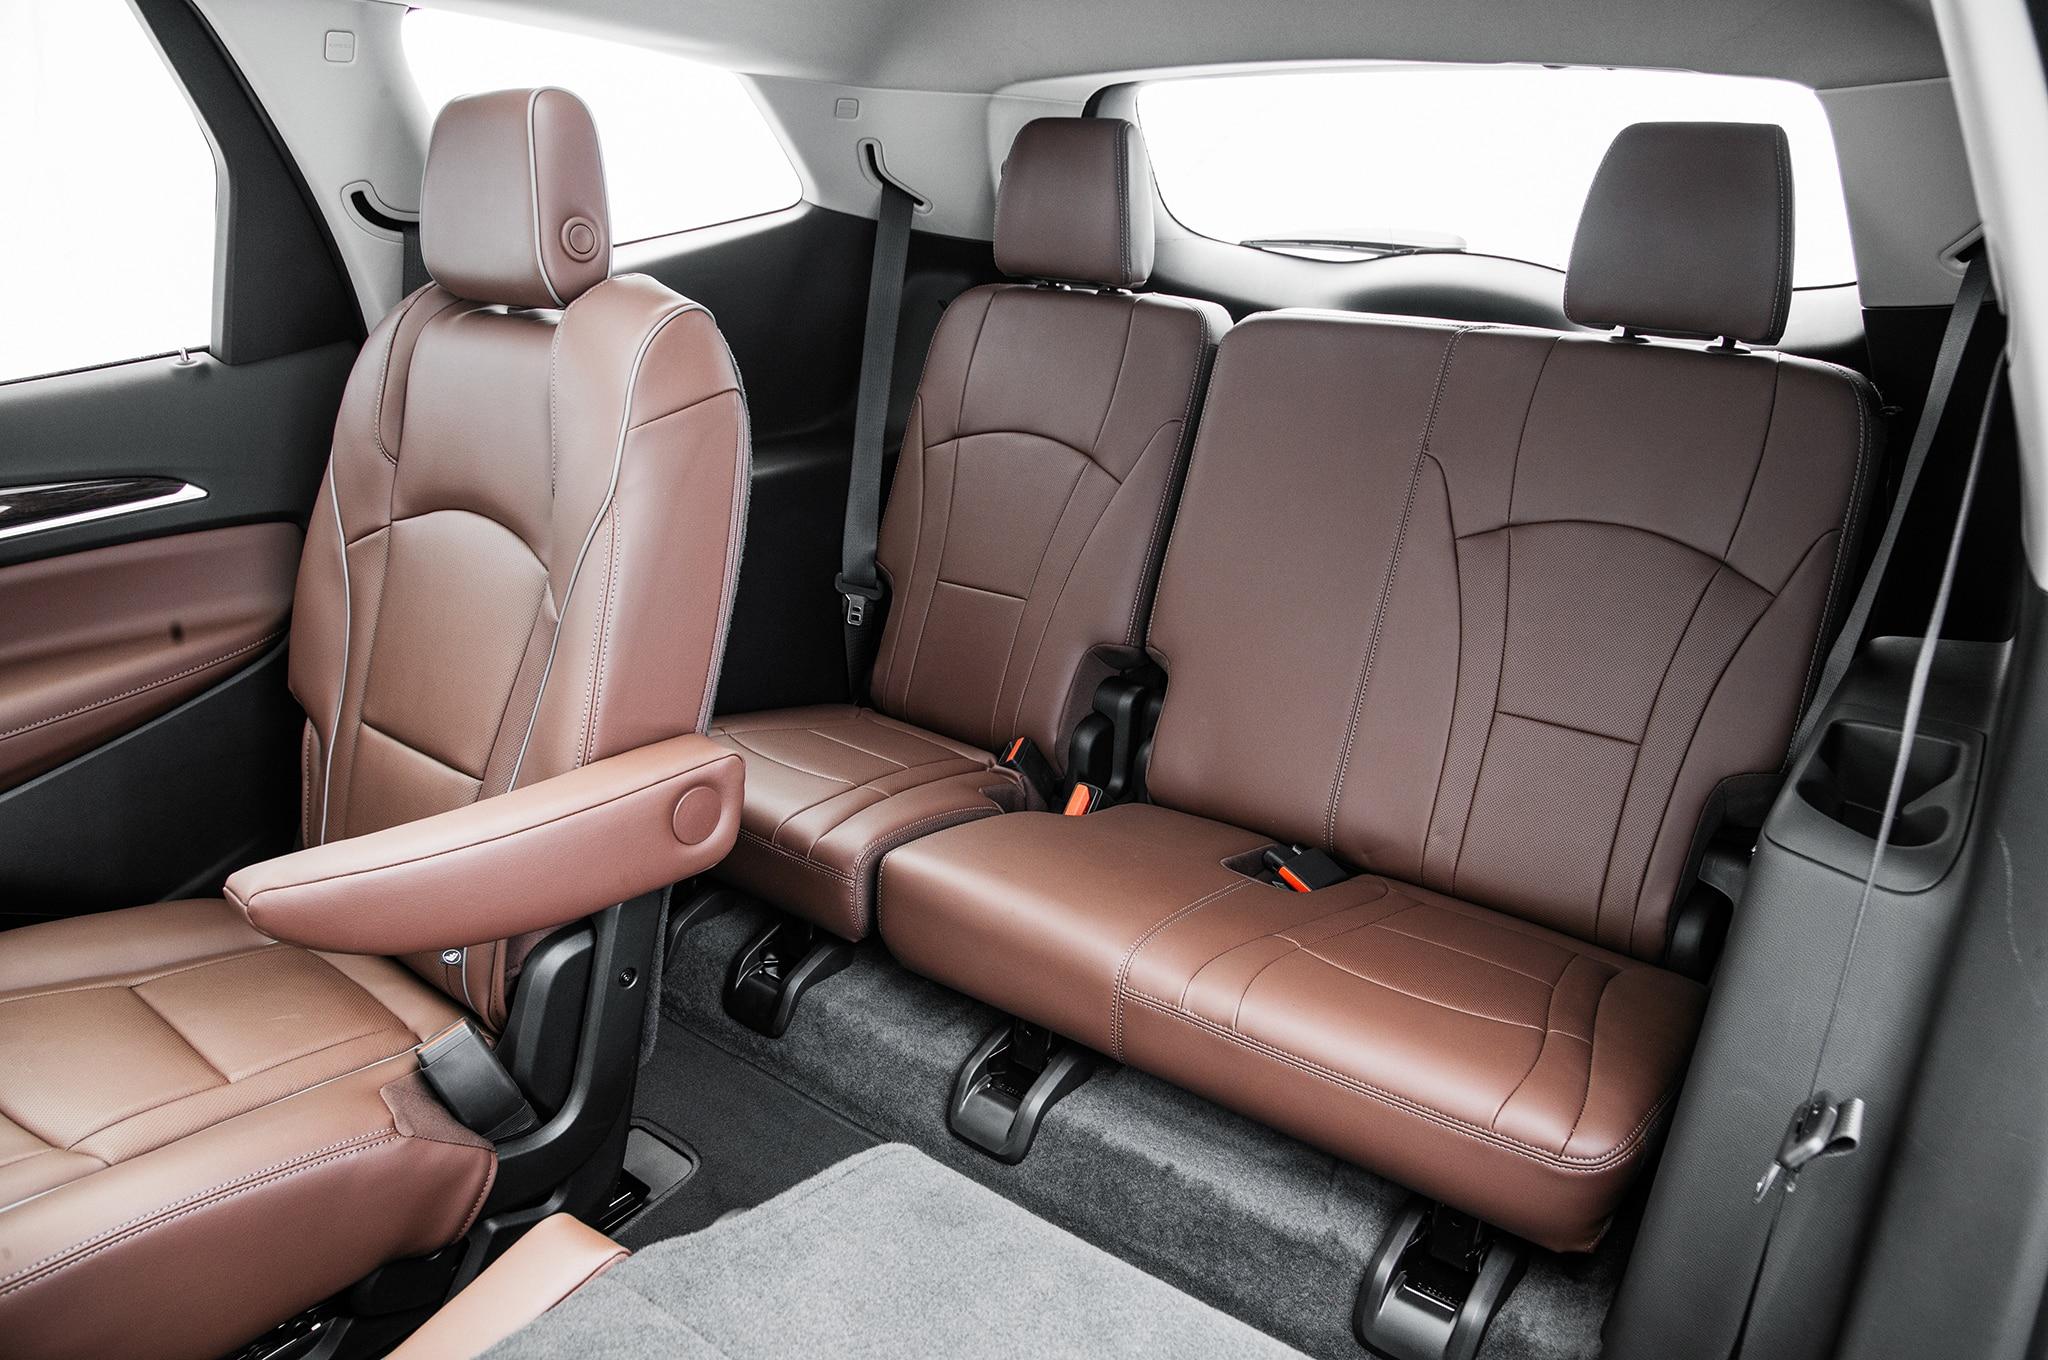 2018 Buick Enclave AWD Avenir Rear Interior 01. 19 Marzo, 2018 Miguel  Cortina